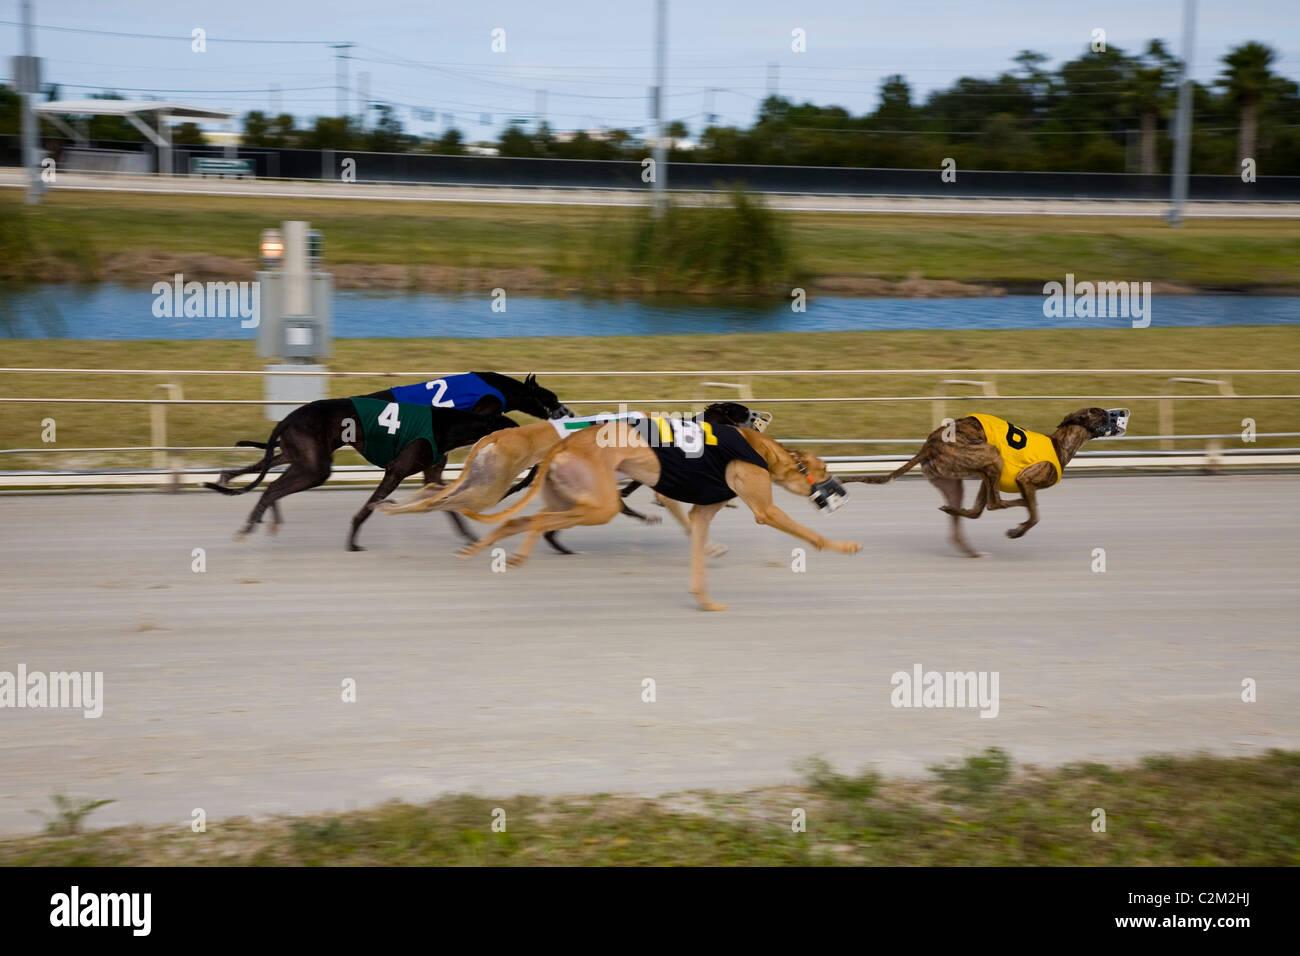 Greyhound Racing Daytona Beach Florida